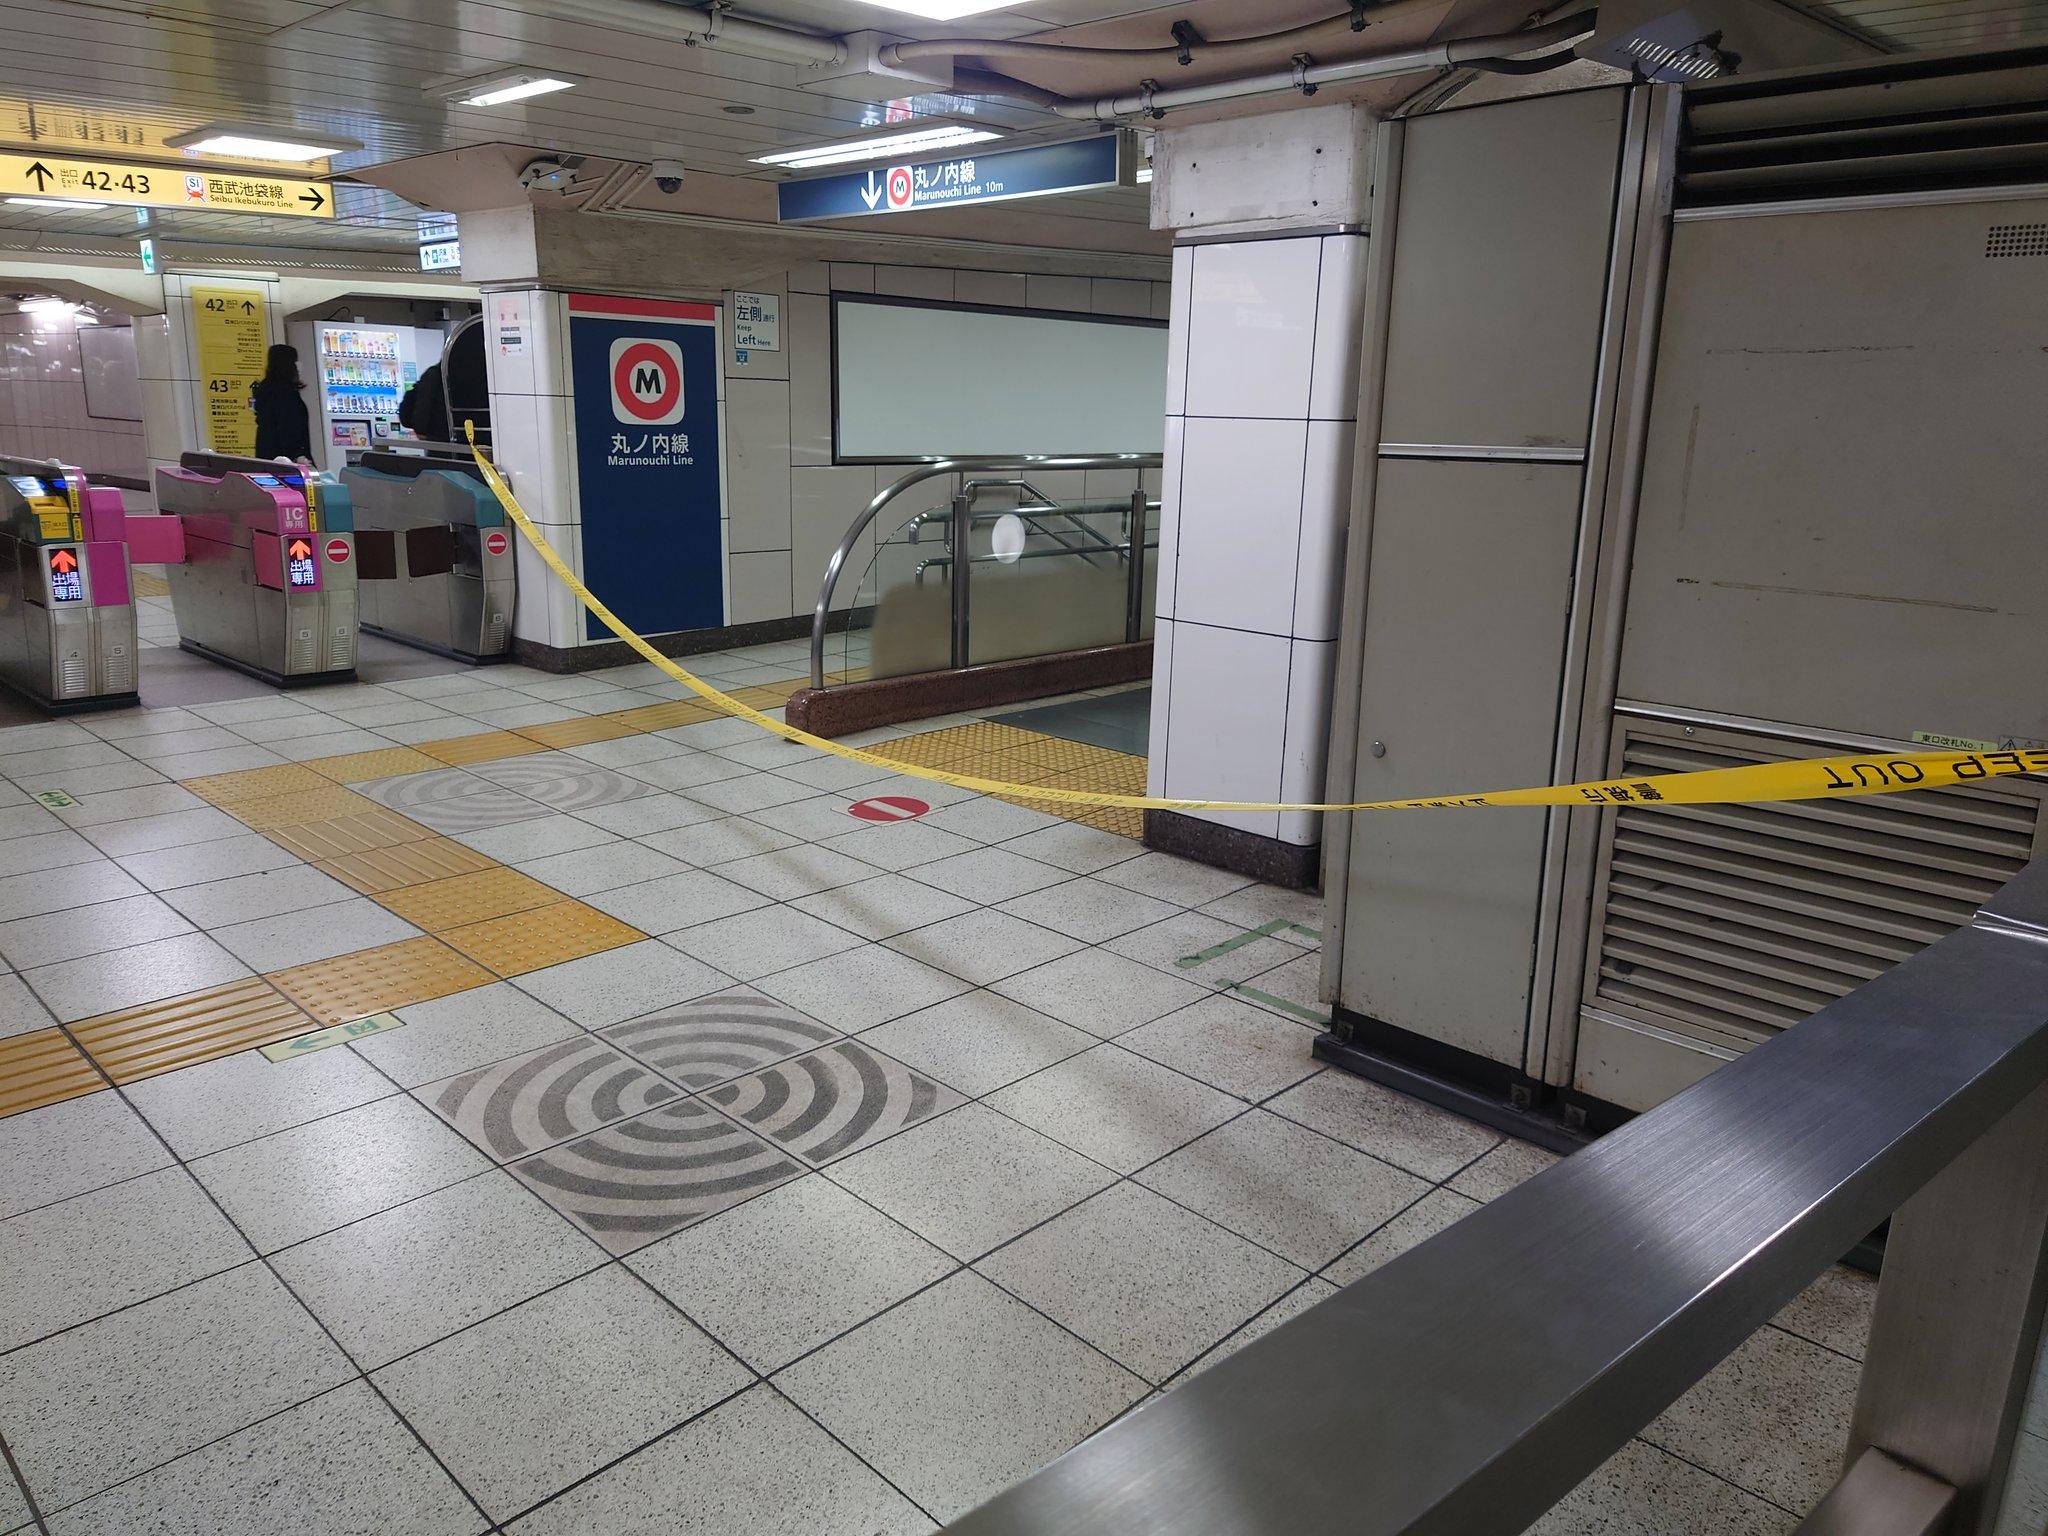 丸ノ内線の池袋駅で不審物が見つかり封鎖されている画像